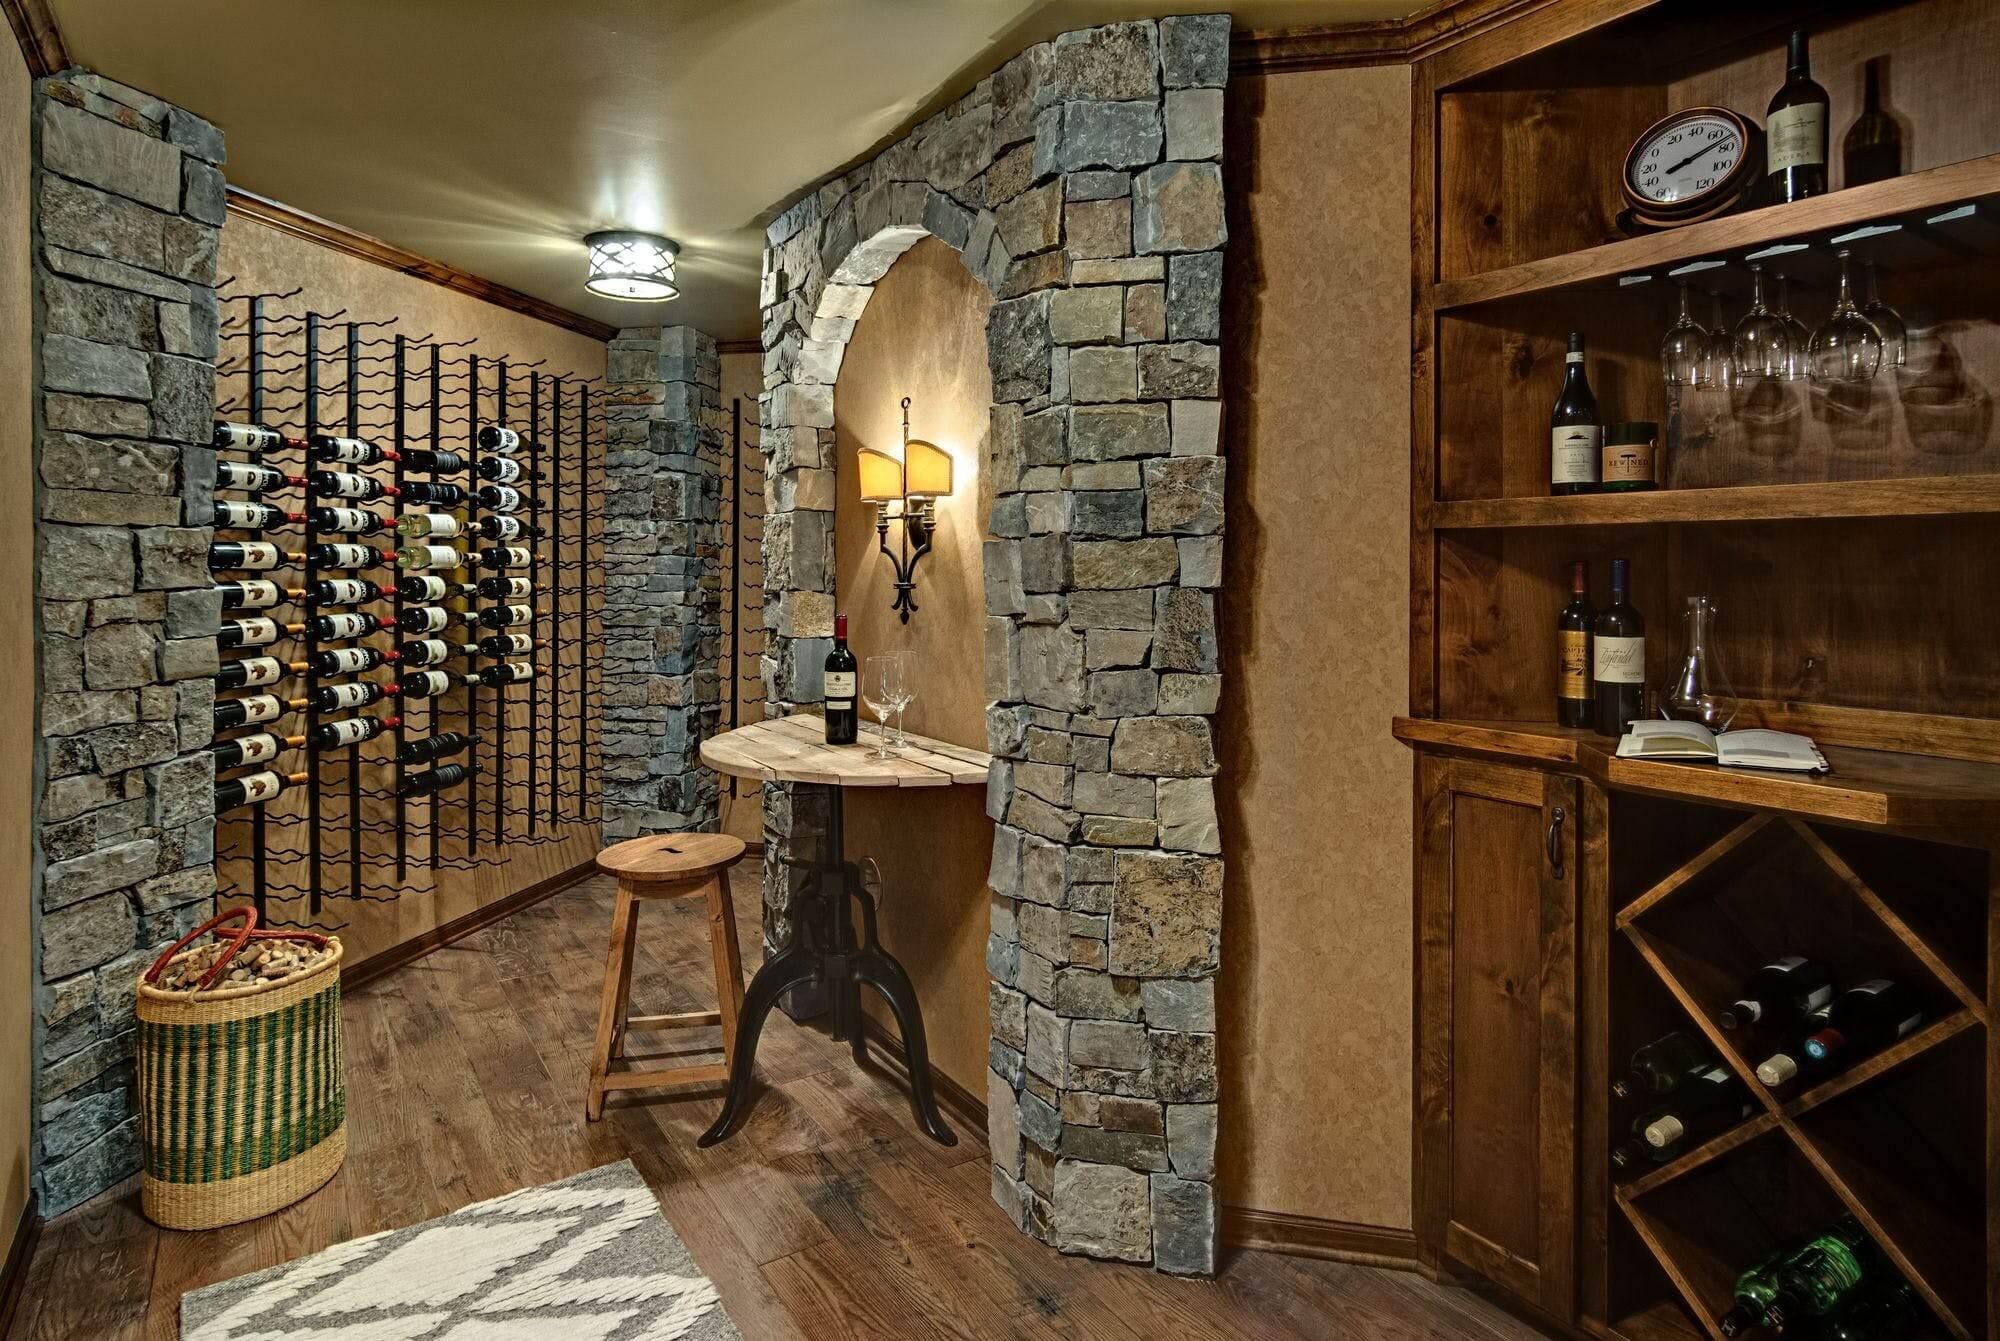 Đèn tường giúp phòng trưng bày rượu thêm ấn tượng, thu hút